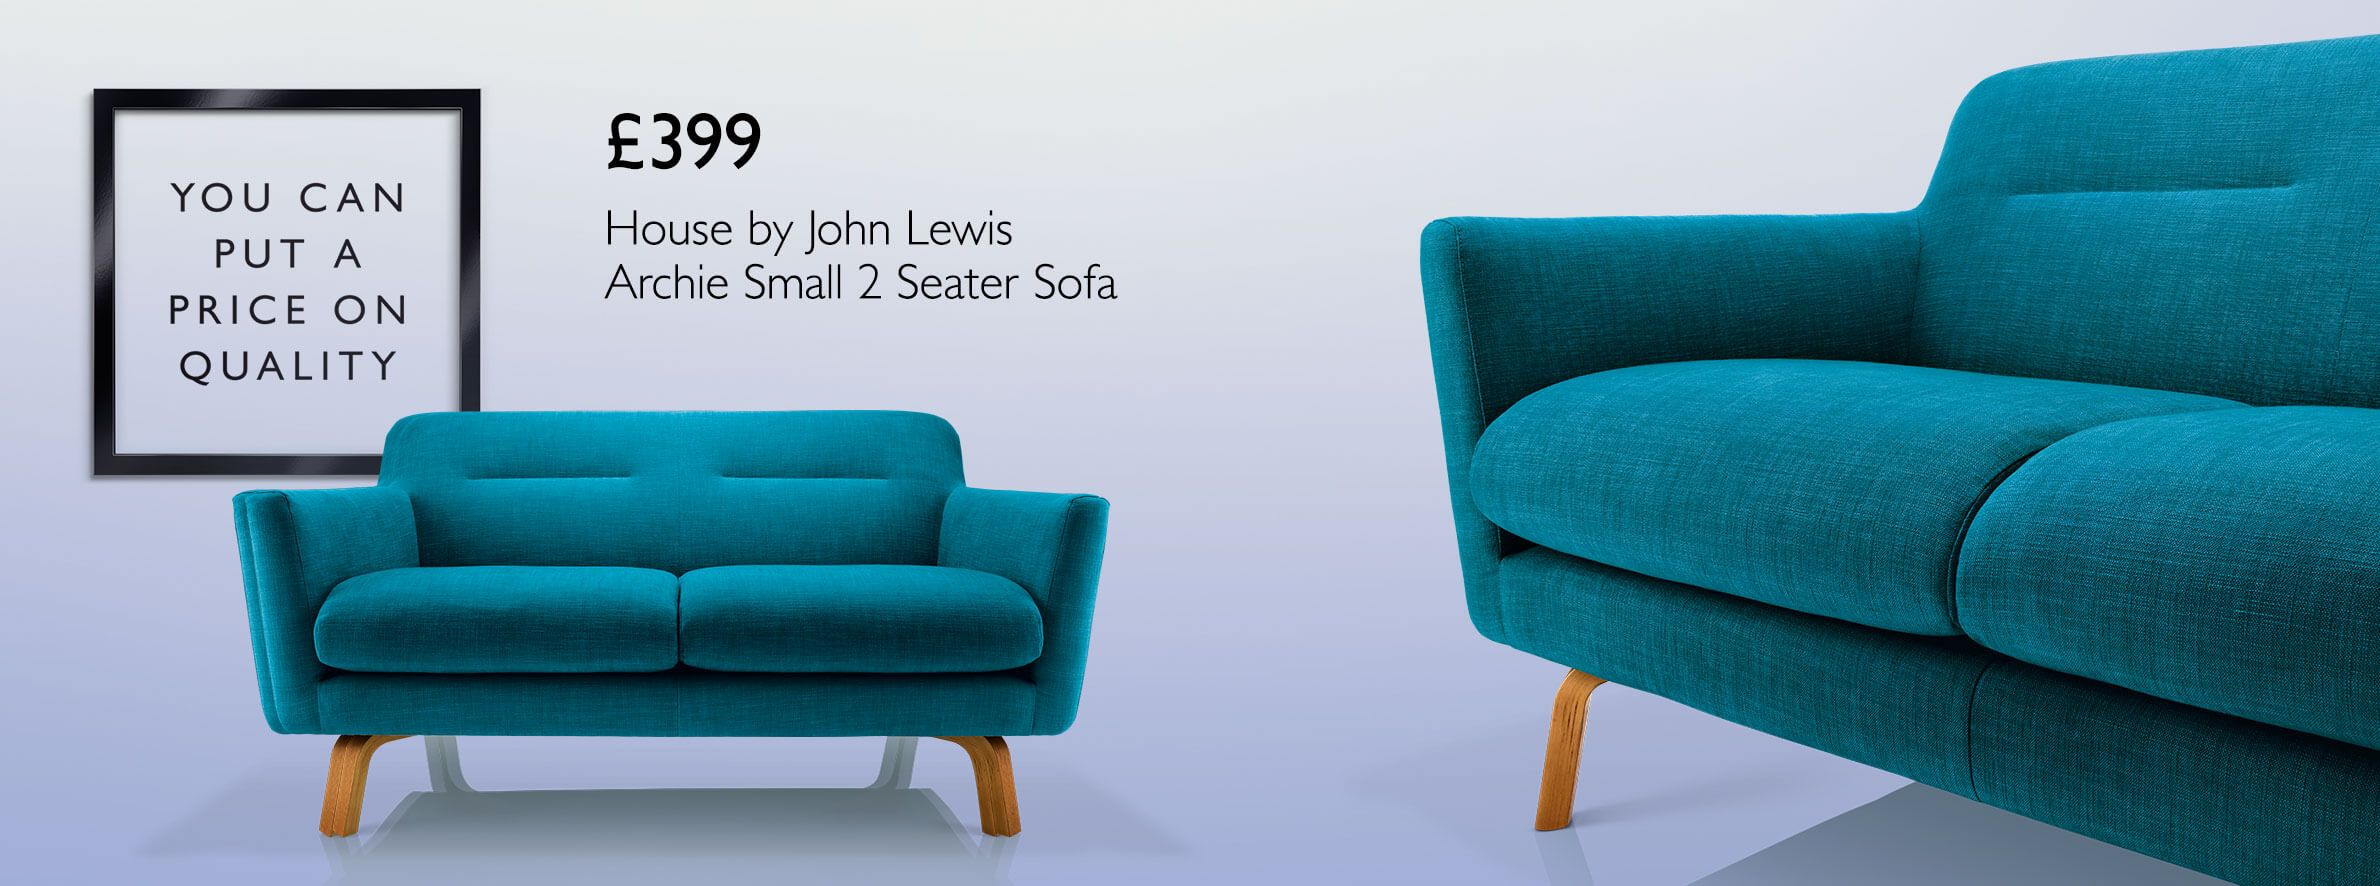 Home Furniture & Lighting | John Lewis